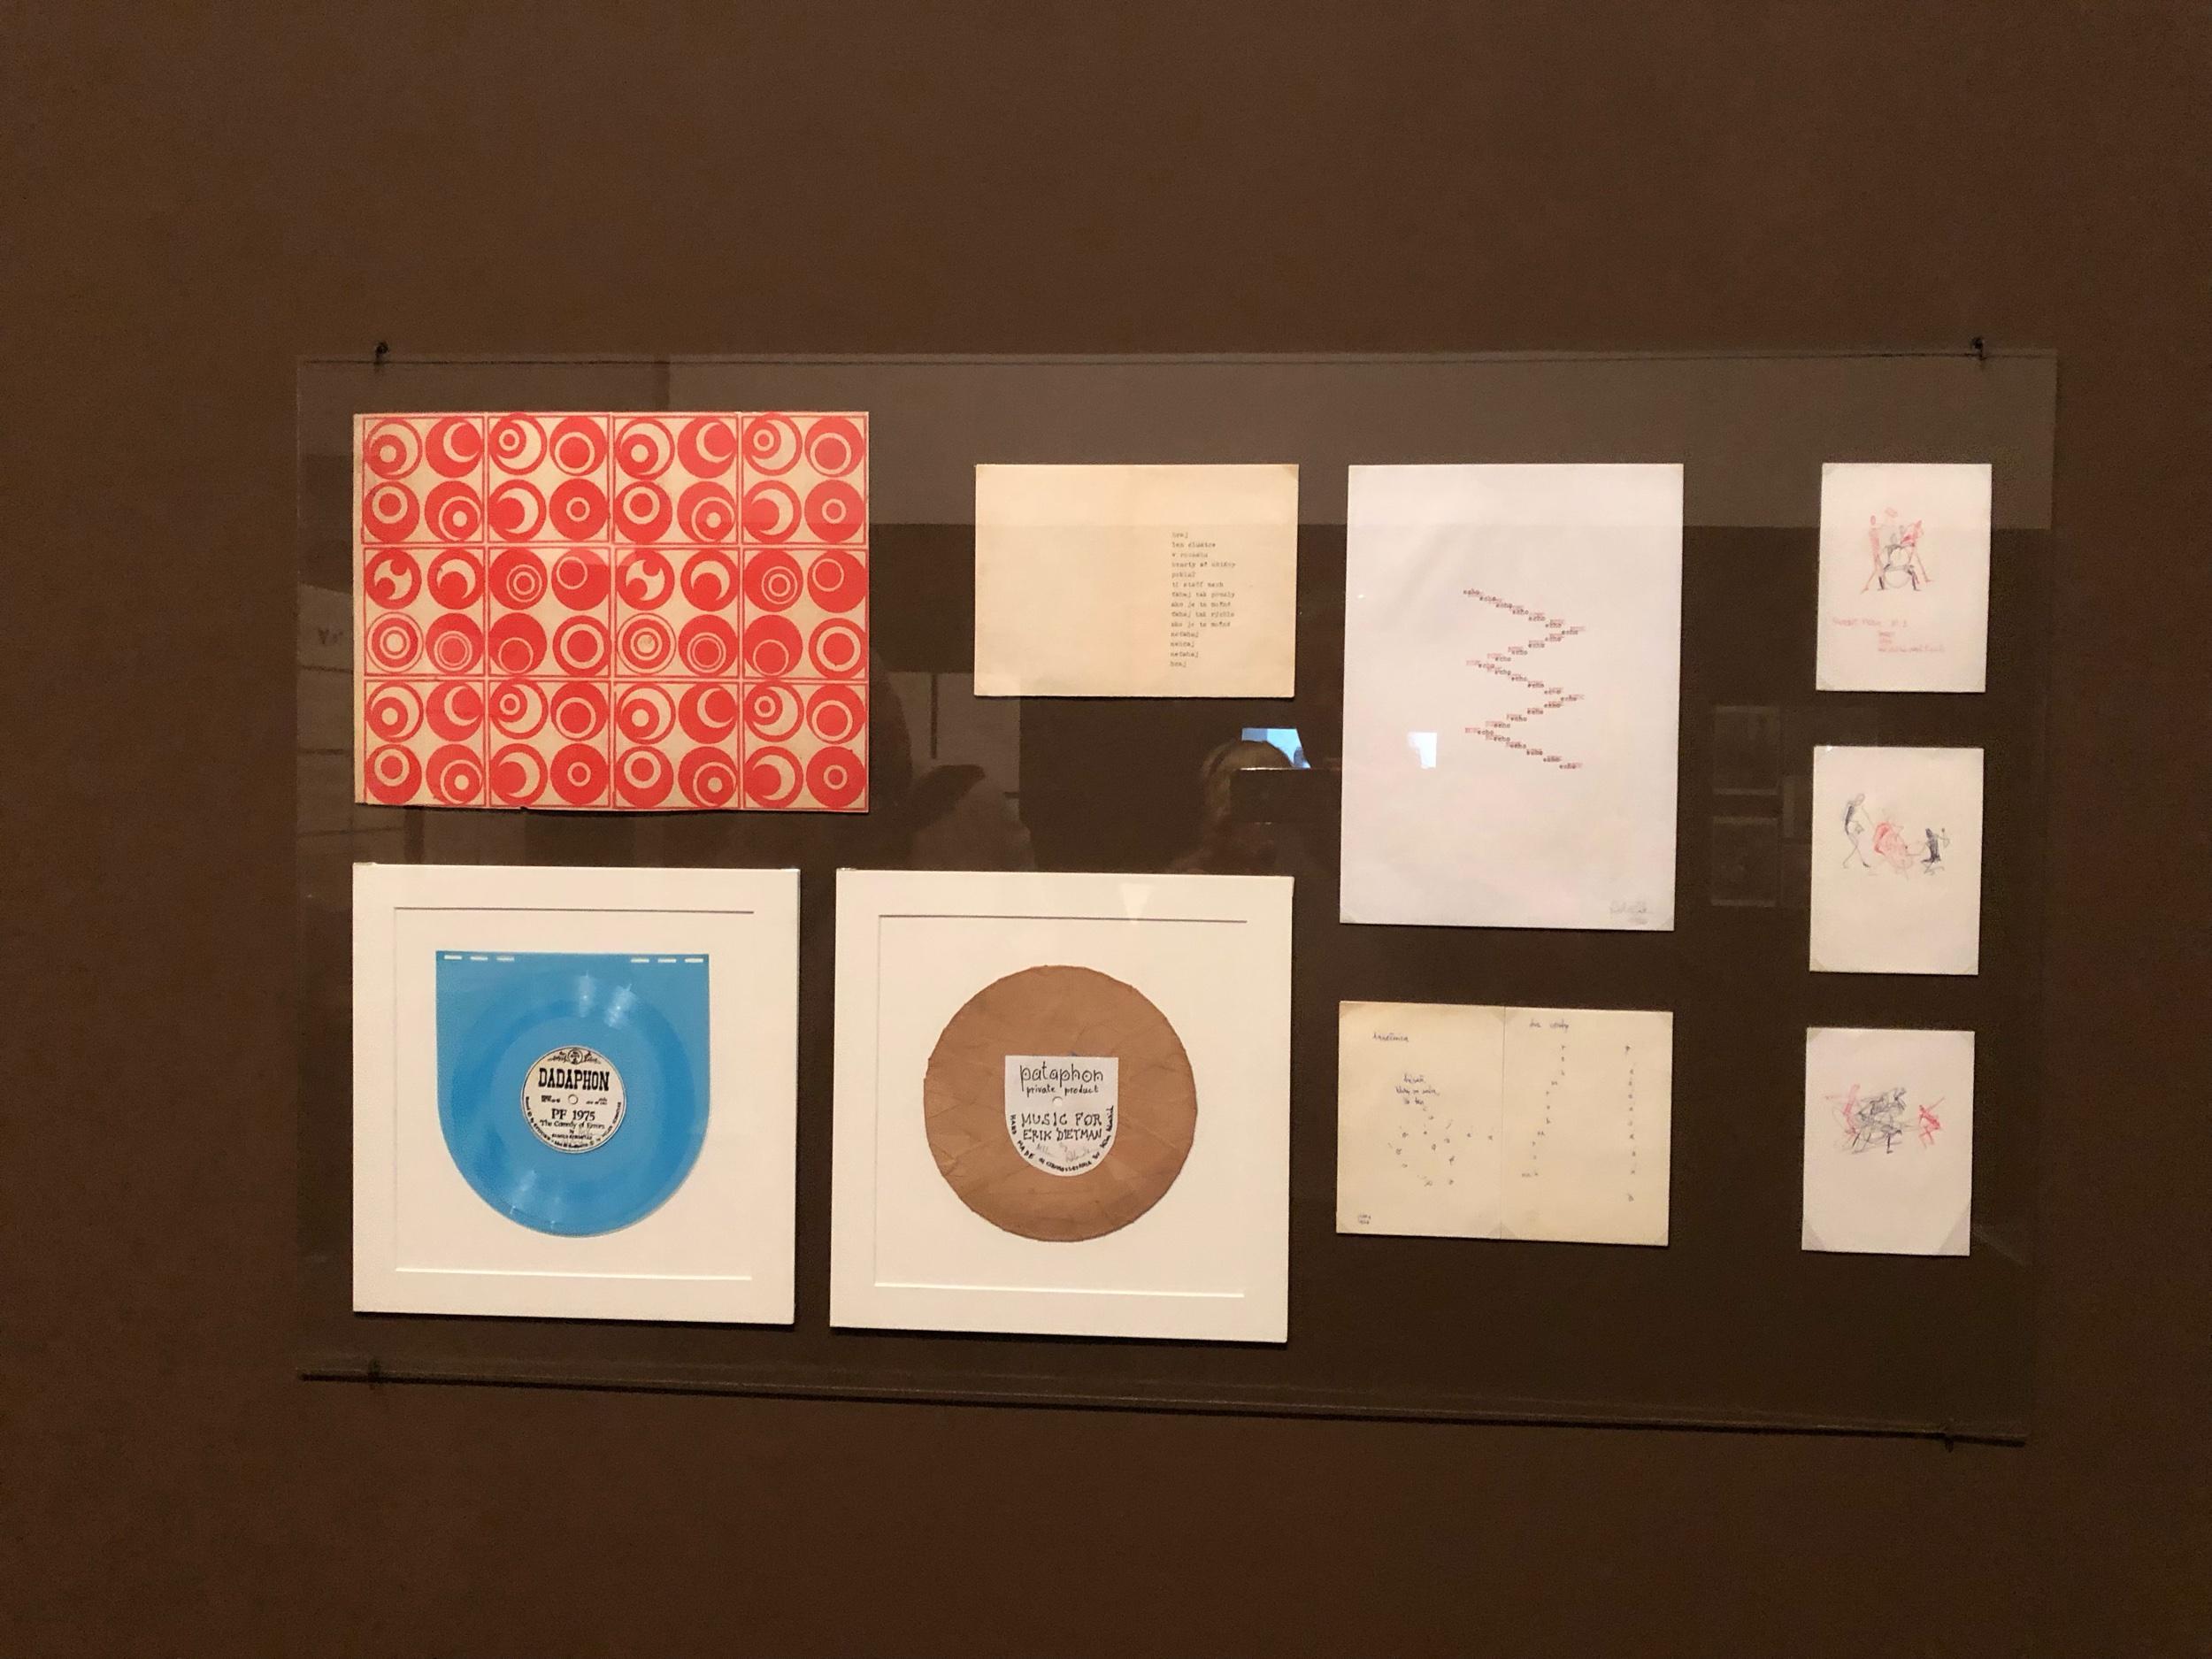 Milan Adamčiak zo zbierky Art and concept Gallery na výstave v GHMP